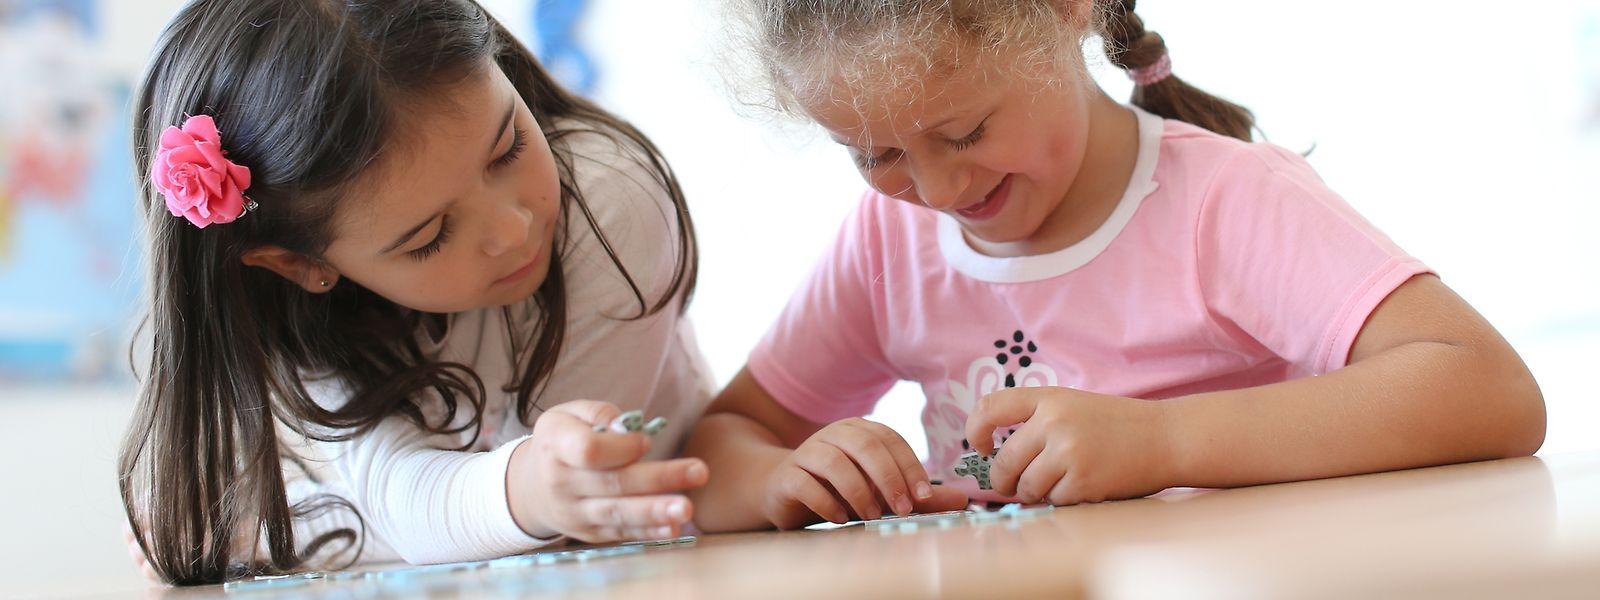 Beim Start in die formale Bildung haben die Kinder noch mehr oder weniger gleich gute Chancen, doch danach geht die Schere schnell auf.